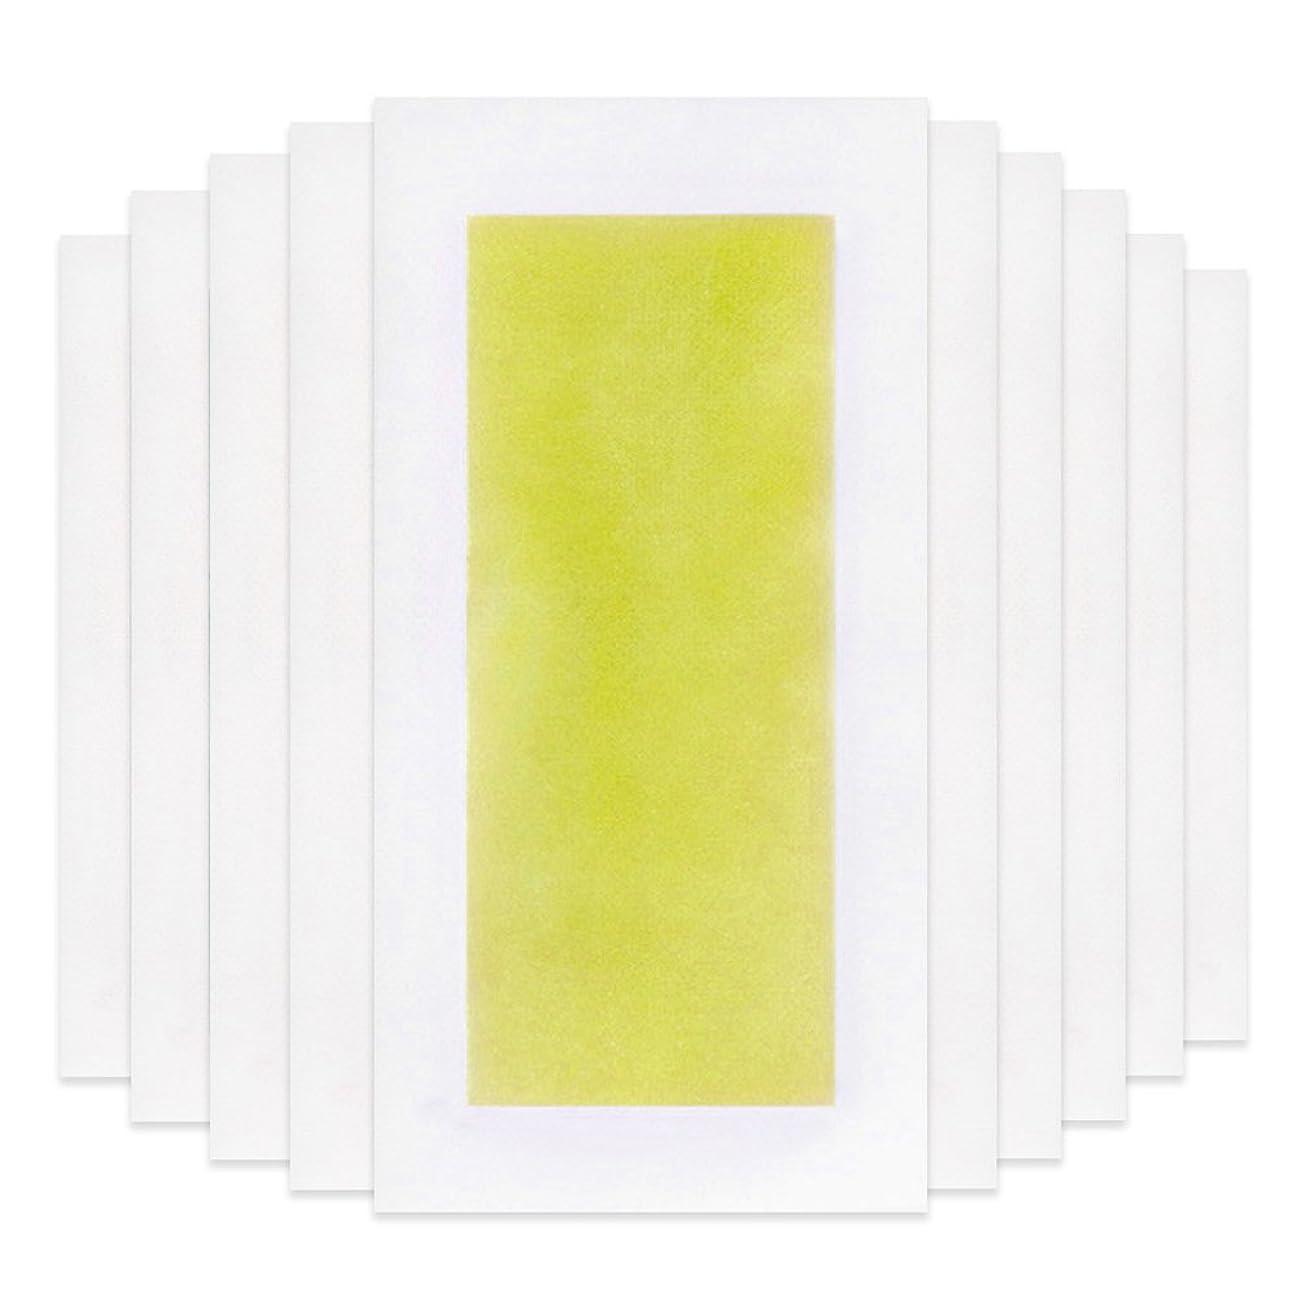 引っ張る回路お金ゴムRabugoo 脚の身体の顔のための10個のプロフェッショナルな夏の脱毛ダブルサイドコールドワックスストリップ紙 Yellow